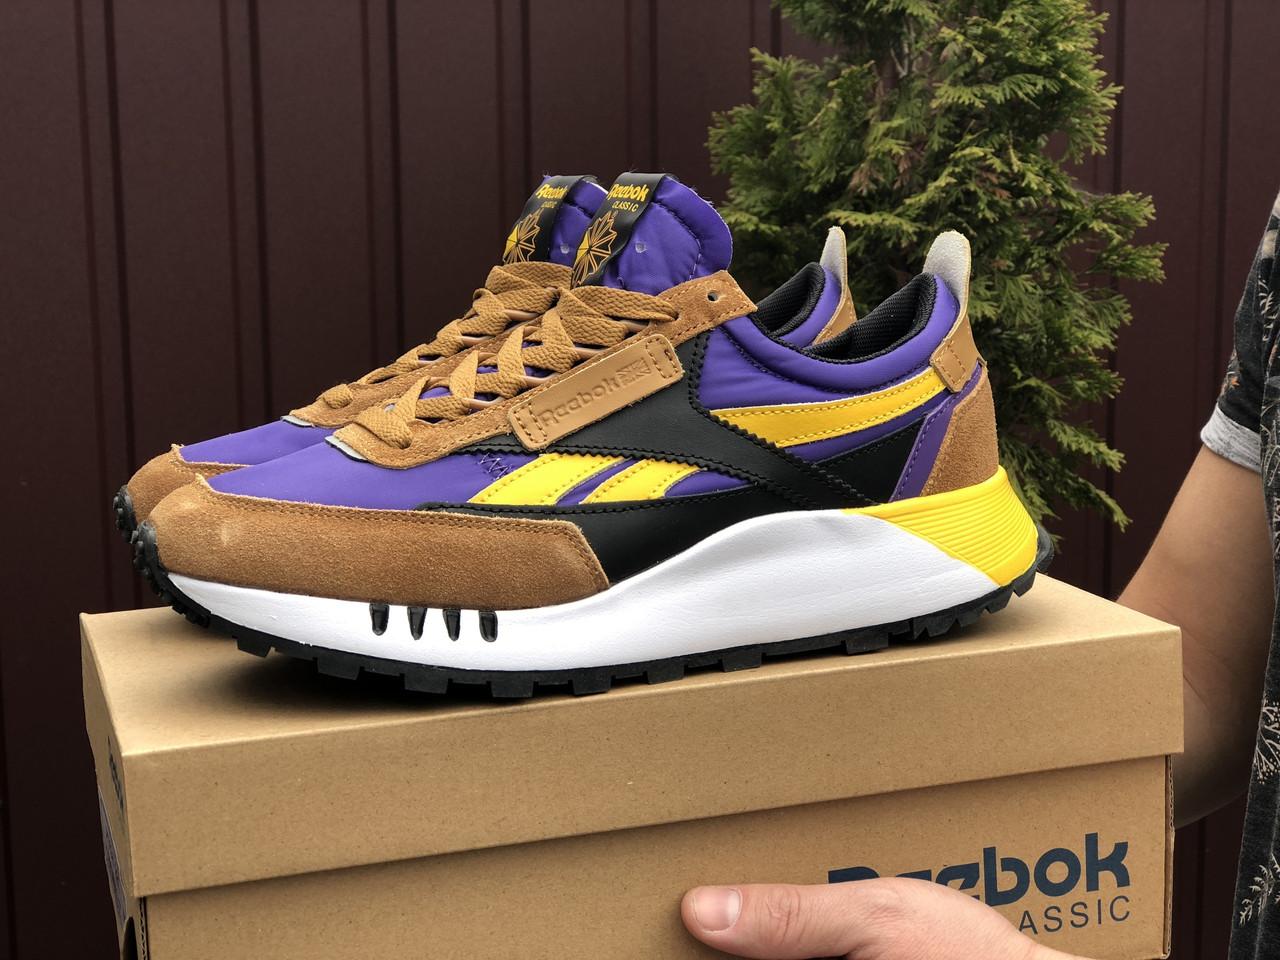 Мужские кроссовки Reebok коричневые / замшевые кроссовки Рибок (Топ реплика ААА+)